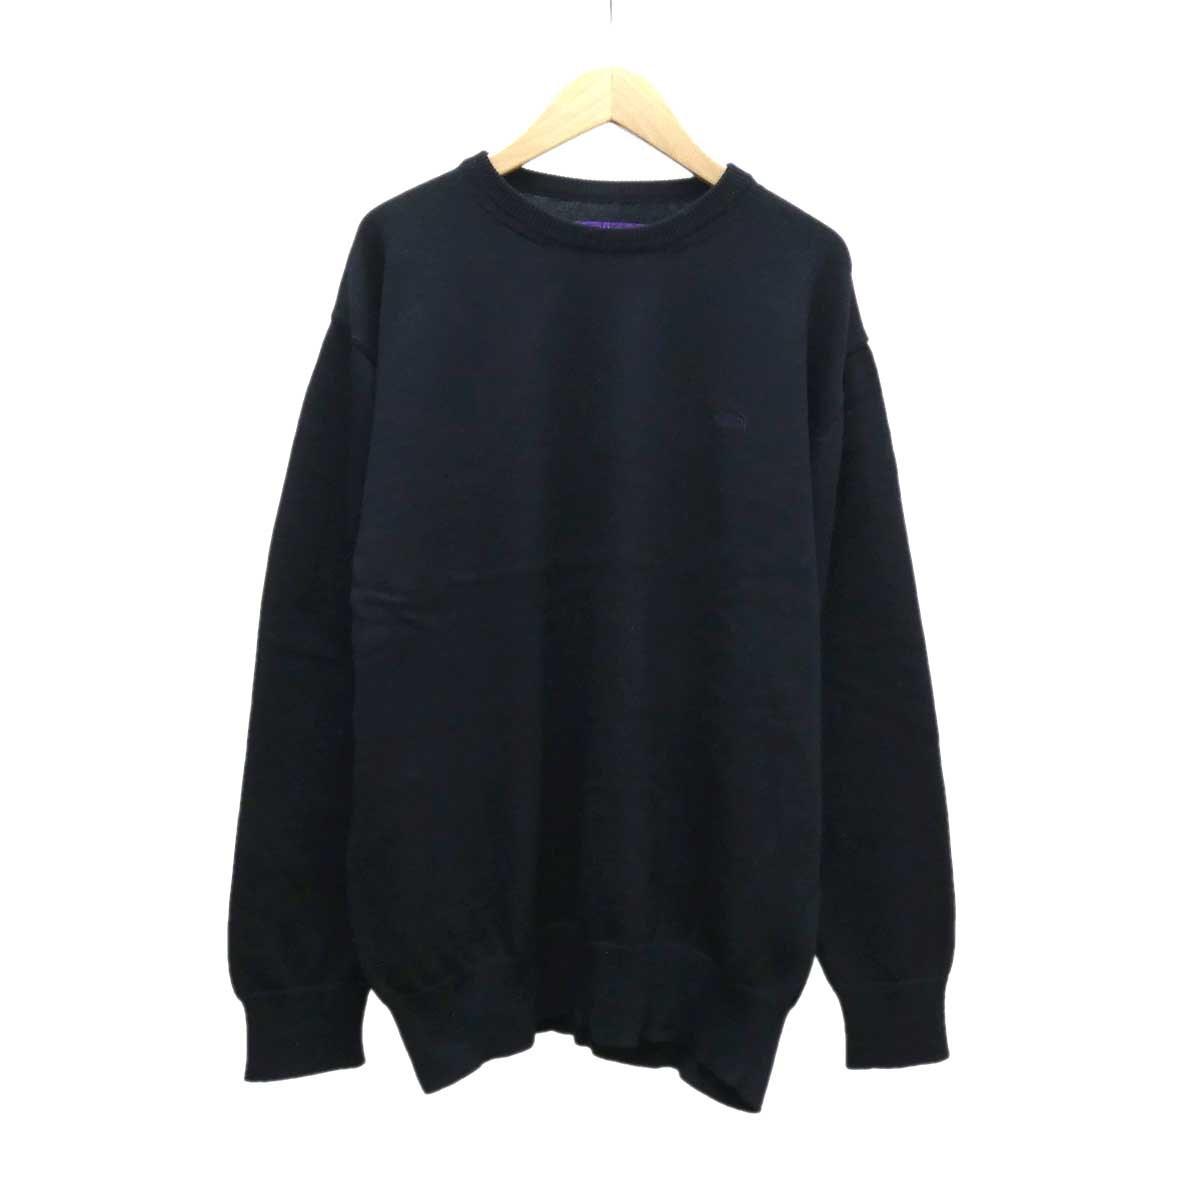 【中古】THE NORTH FACE PURPLE LABEL Pack Field Sweater エルボーパッチニット 【416257】 【KIND1884】